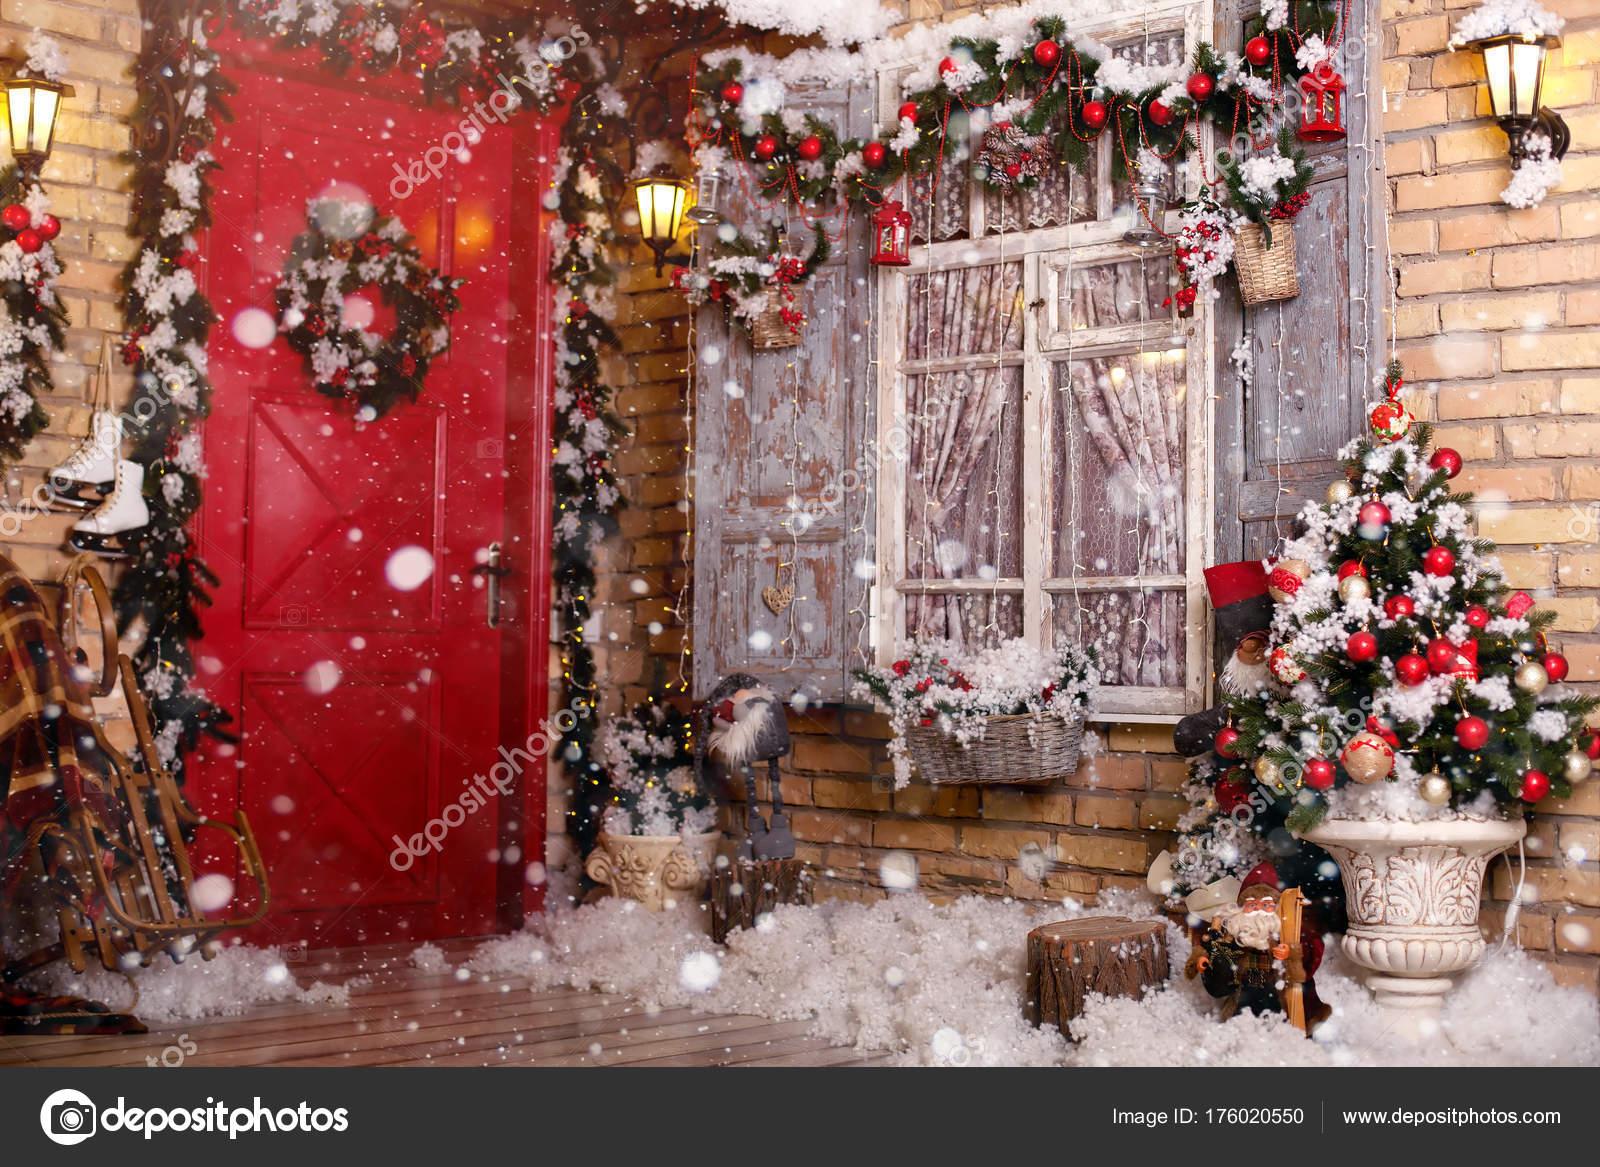 Ventana decorada con guirnalda decoraci n de navidad en for Puertas decoradas con guirnaldas